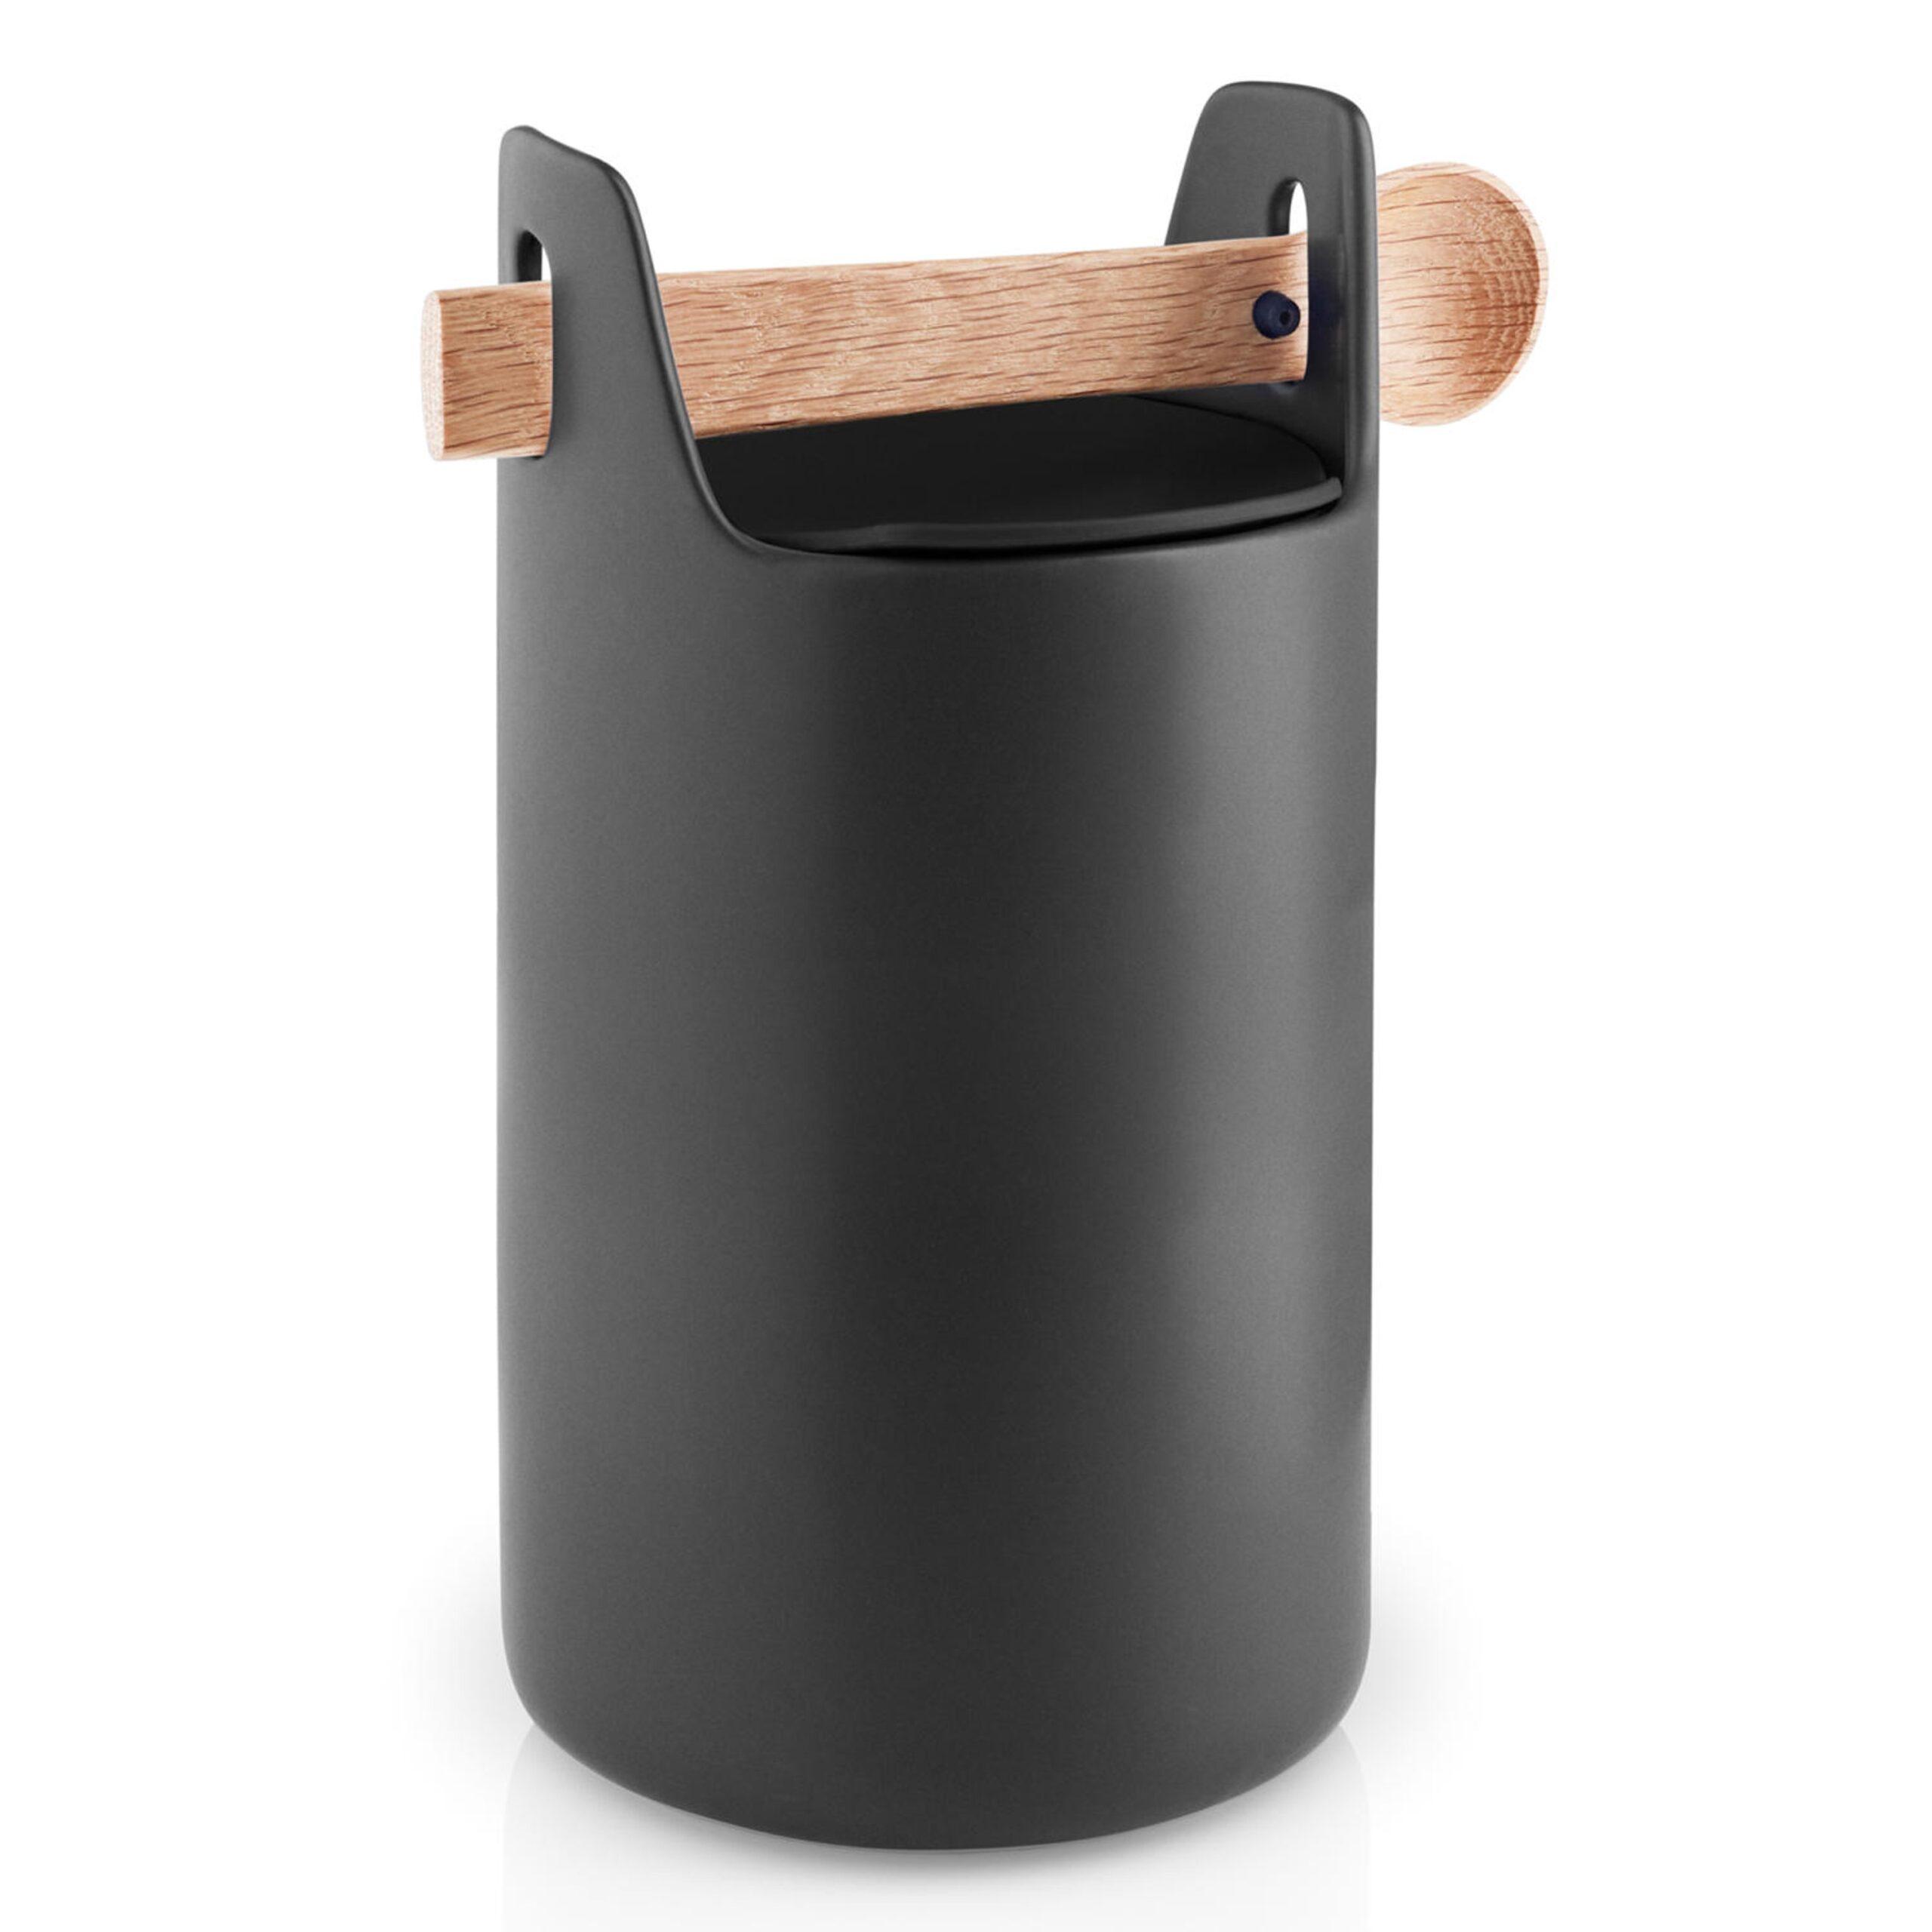 Full Size of Eva Solo Toolboaufbewahrungsbehlter Mit Lffel Aufbewahrungsbehälter Küche Wohnzimmer Aufbewahrungsbehälter